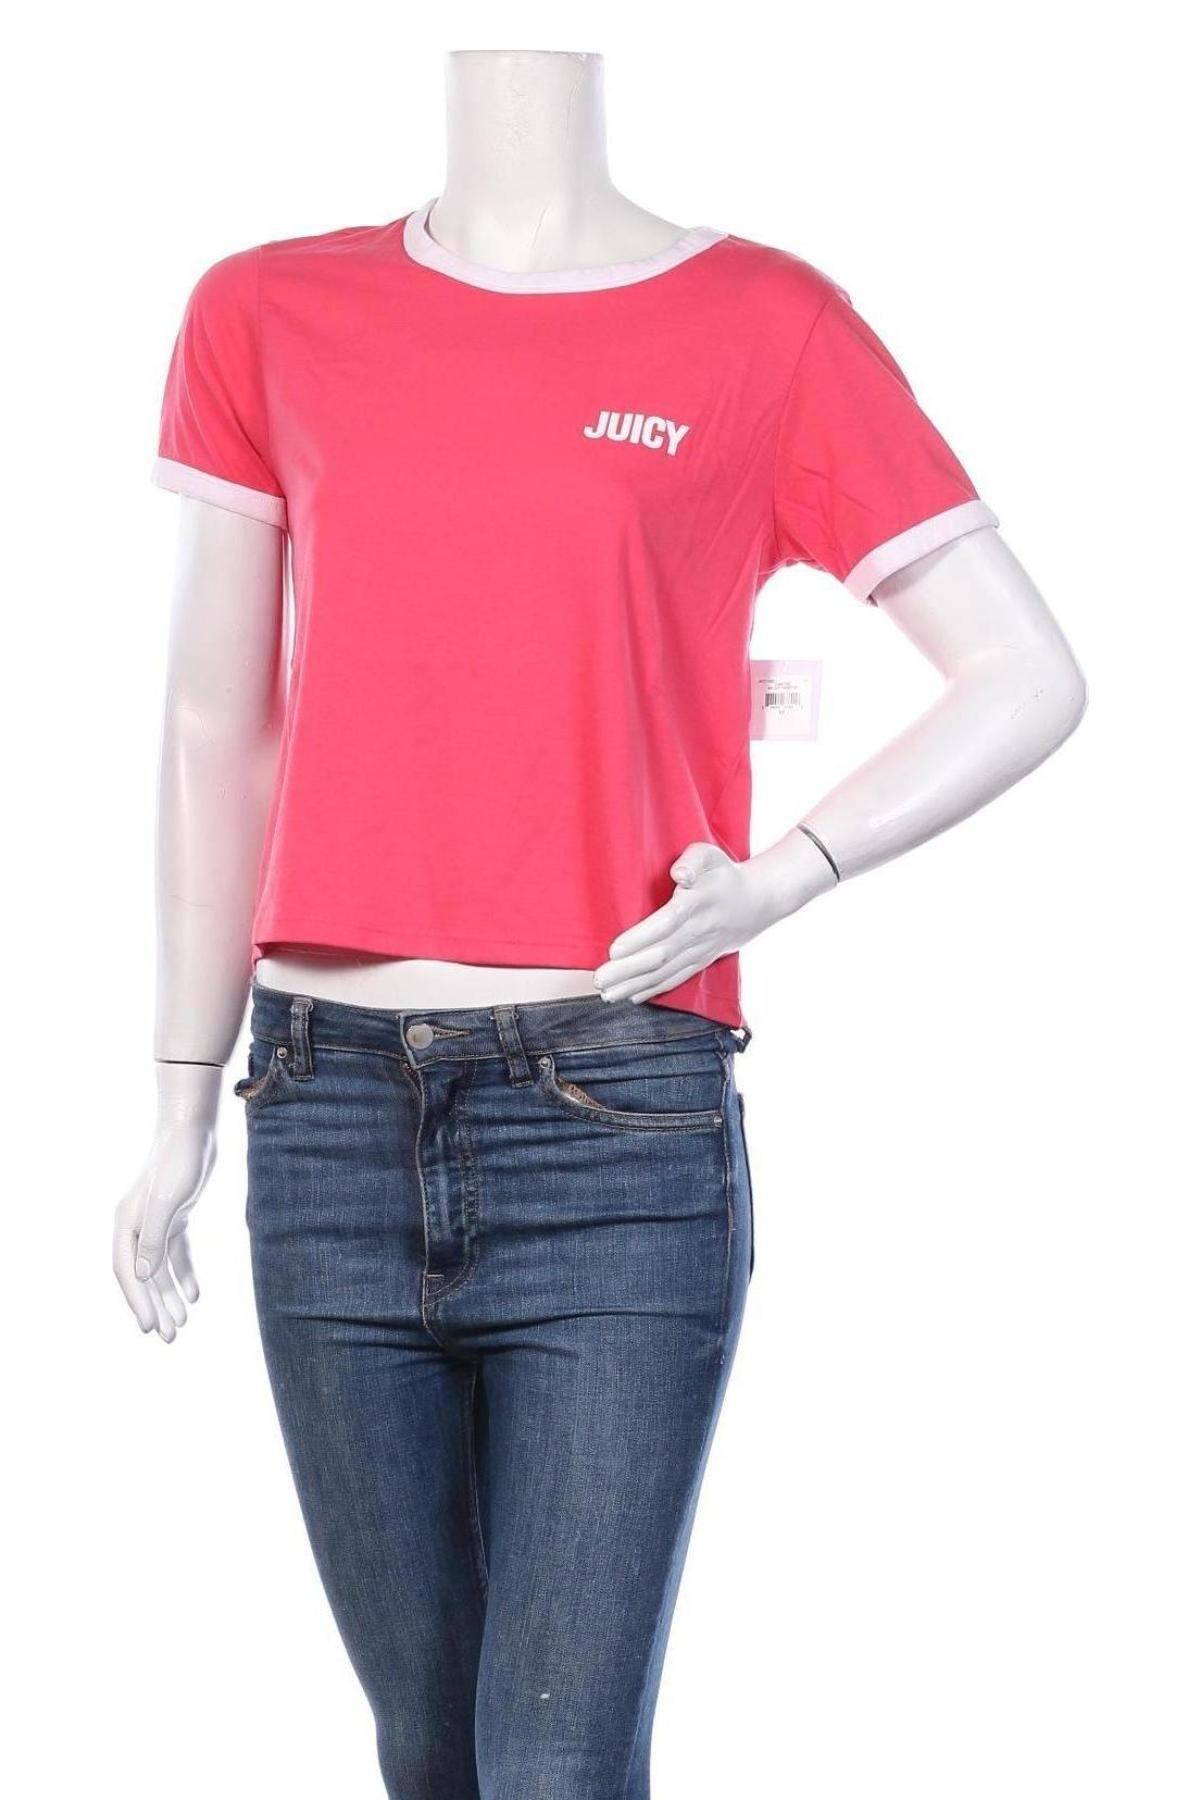 Дамска тениска Juicy Couture, Размер M, Цвят Розов, 60% памук, 40% полиестер, Цена 34,80лв.